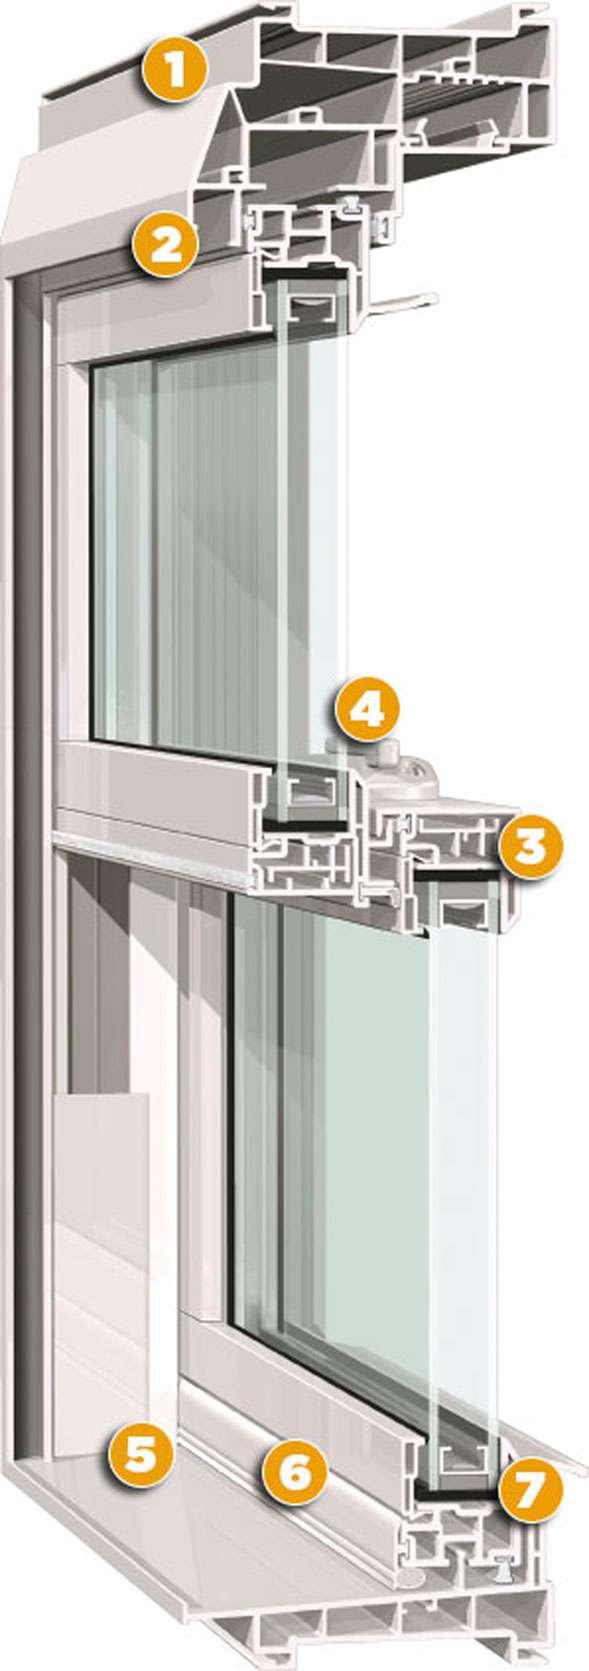 Windows | Nu Look Home Design